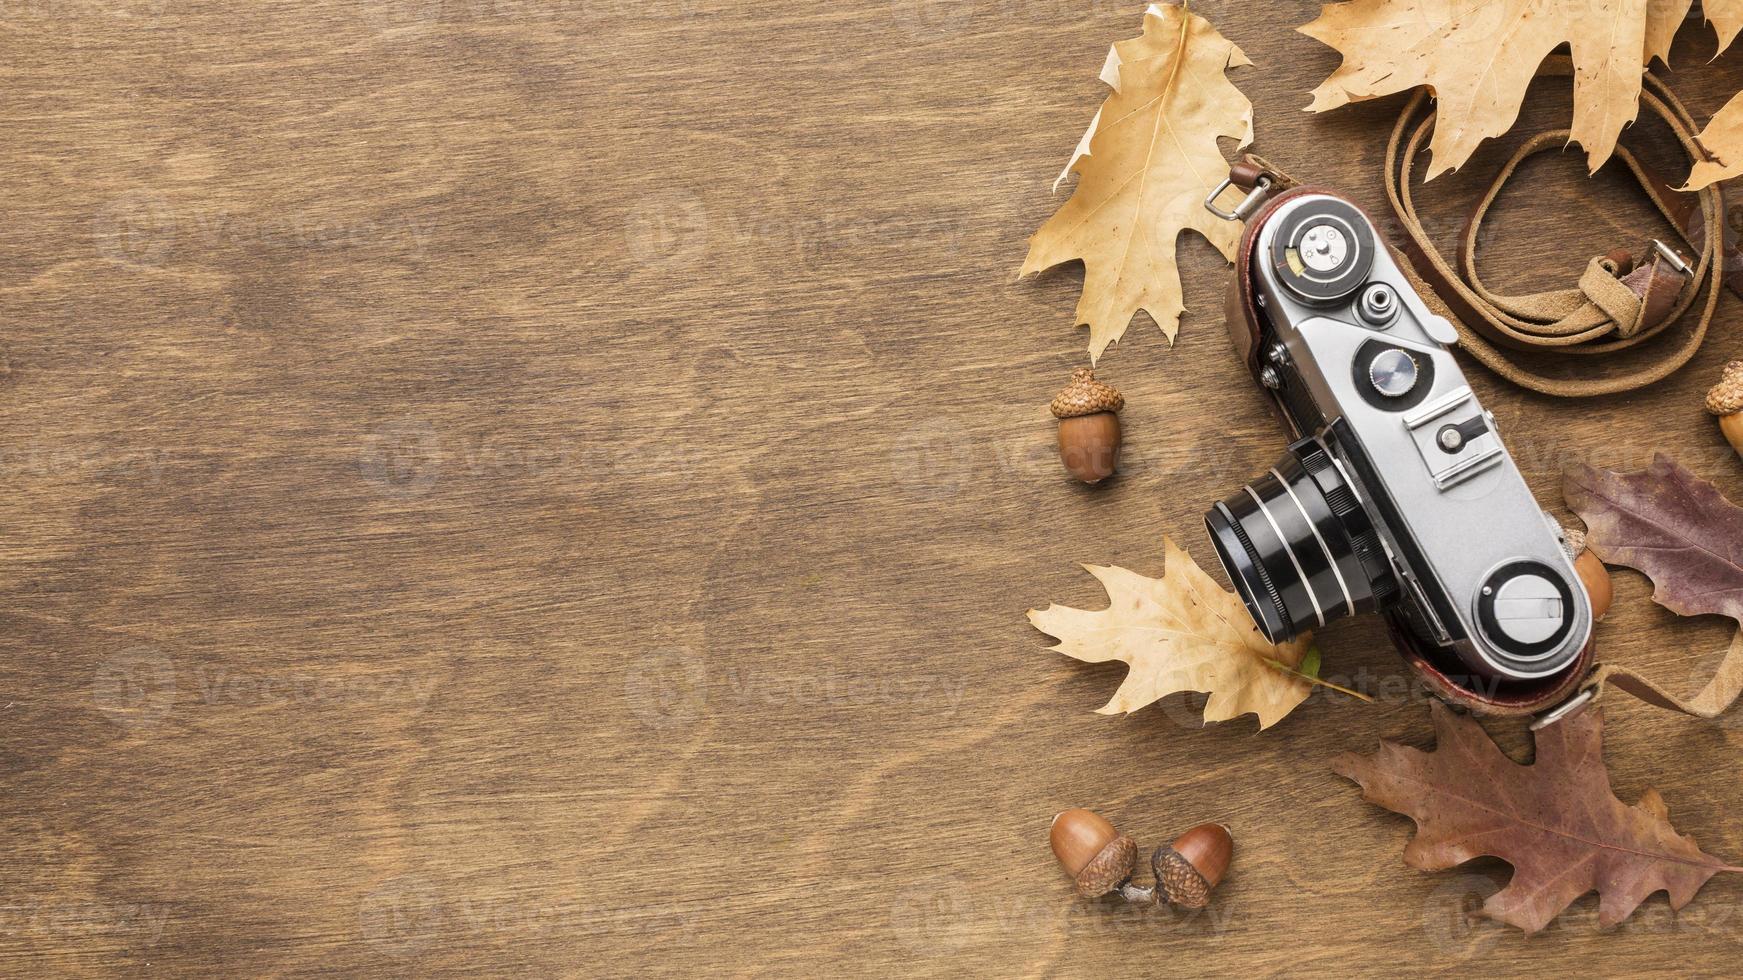 appareil photo avec feuilles d'automne et espace de copie